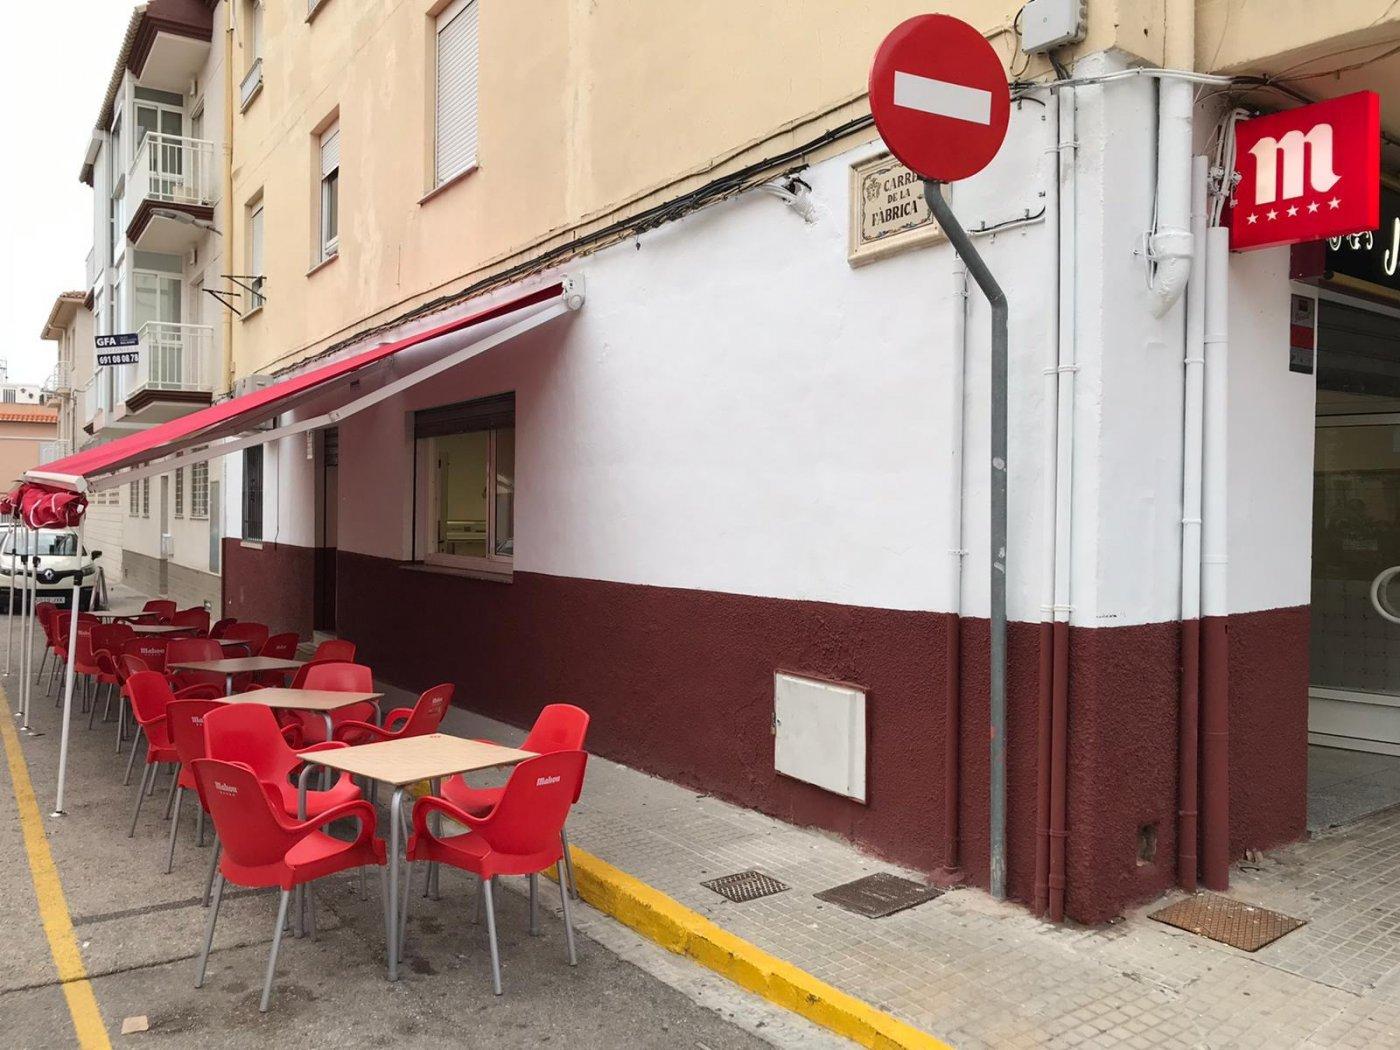 Local comercial acondicionado como bar  para entrar  a trabajar en benirredra. - imagenInmueble10